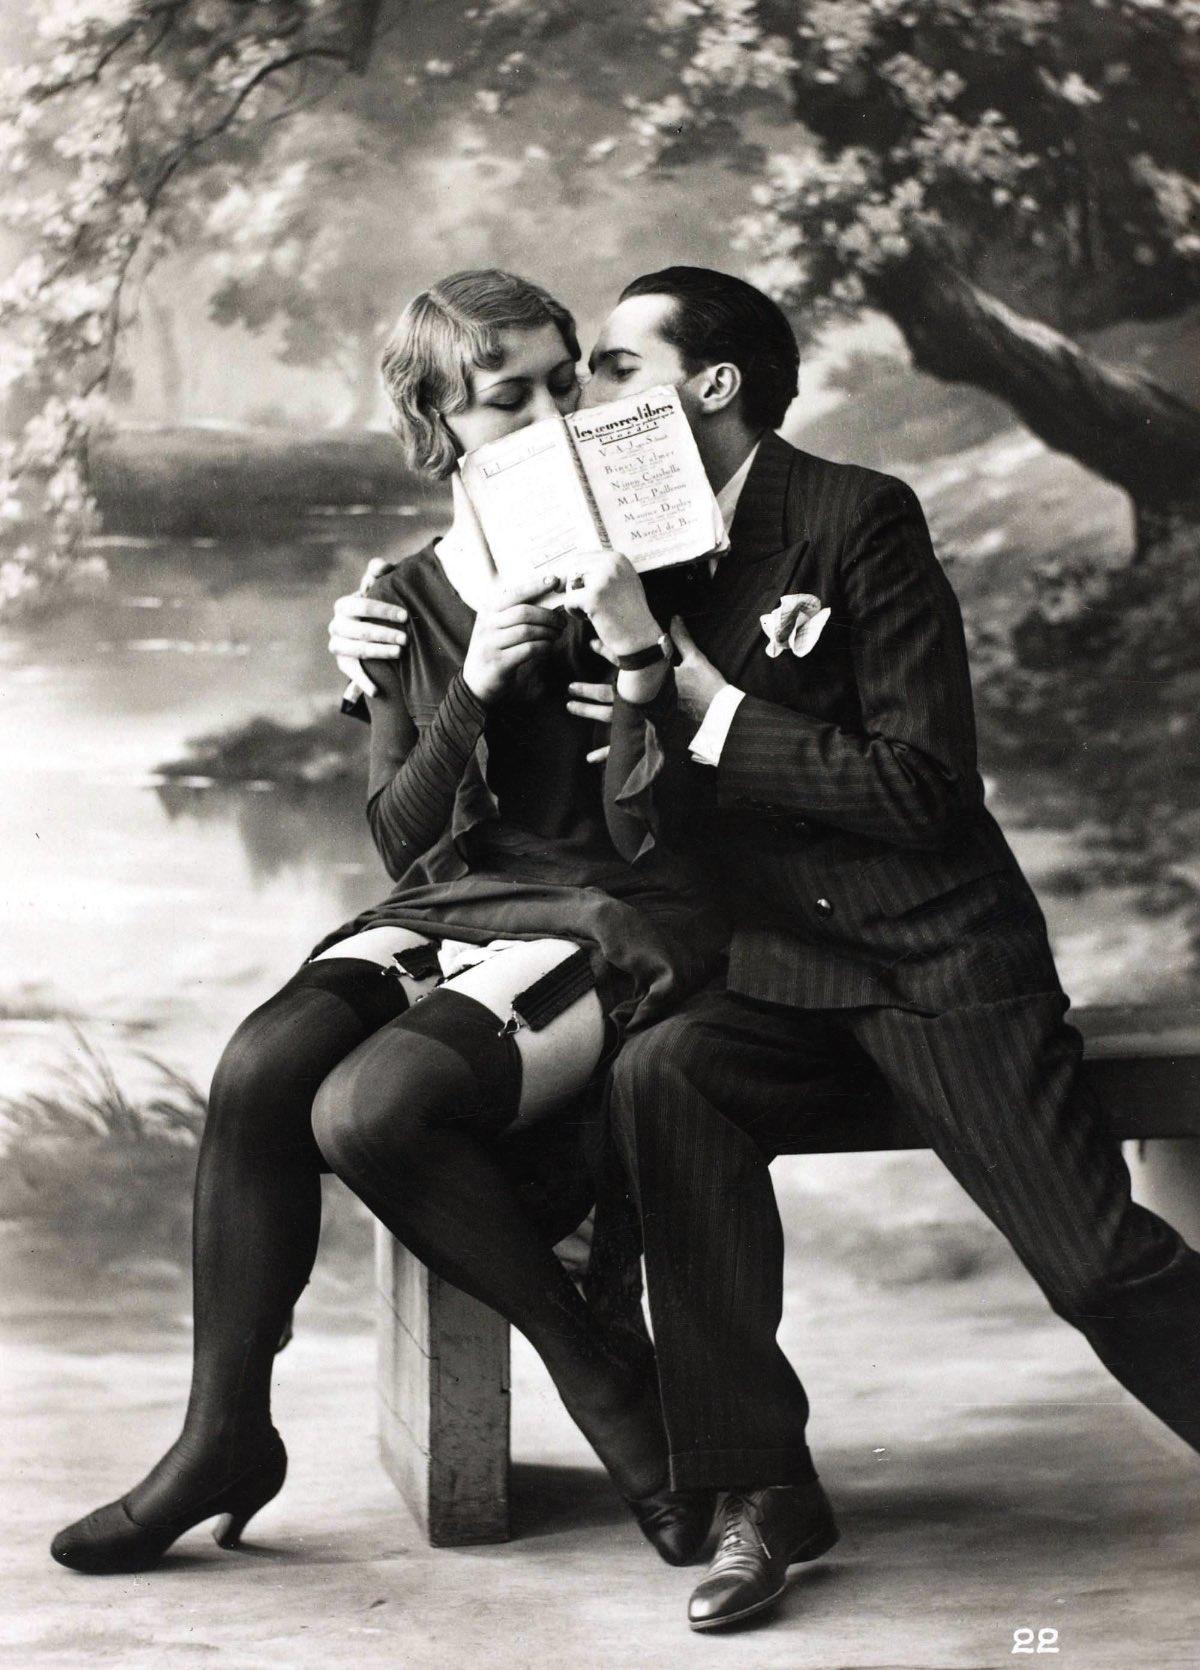 Erotic postcards of the early twentieth century